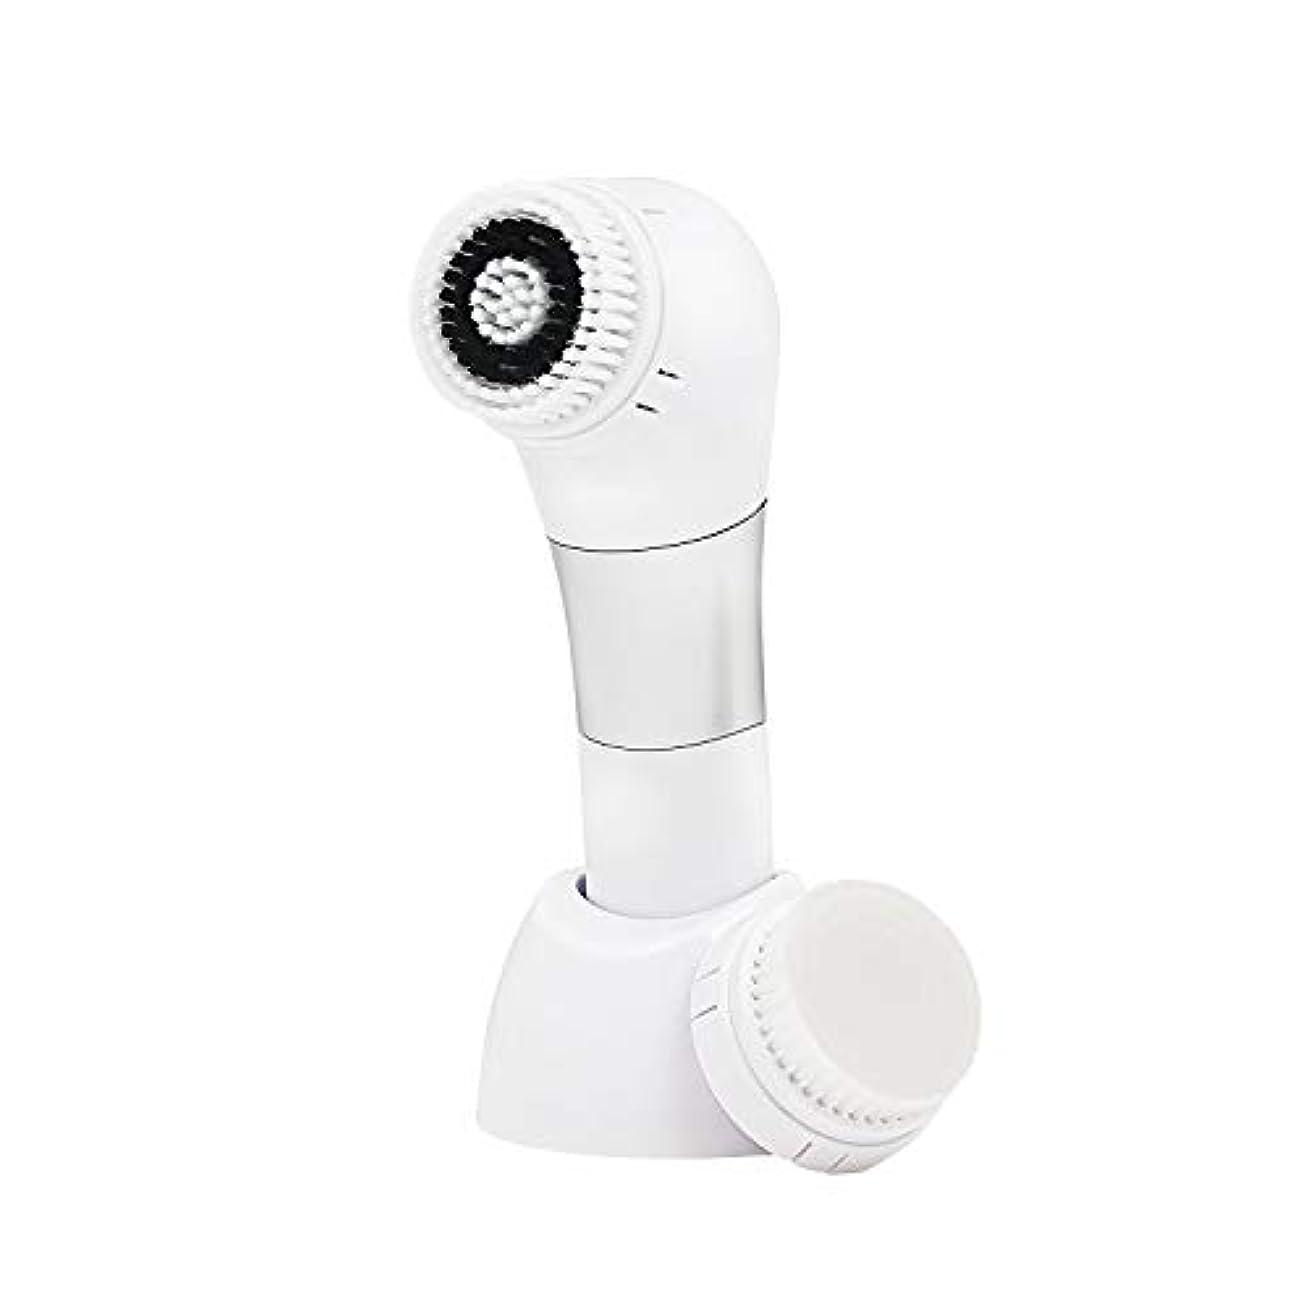 用語集インサートラックANX メンズ 音波 振動 洗顔ブラシ & 美顔器 ソニックウォッシュ やわらか 洗顔ブラシ 角質 ケアブラシ 付き 男性用